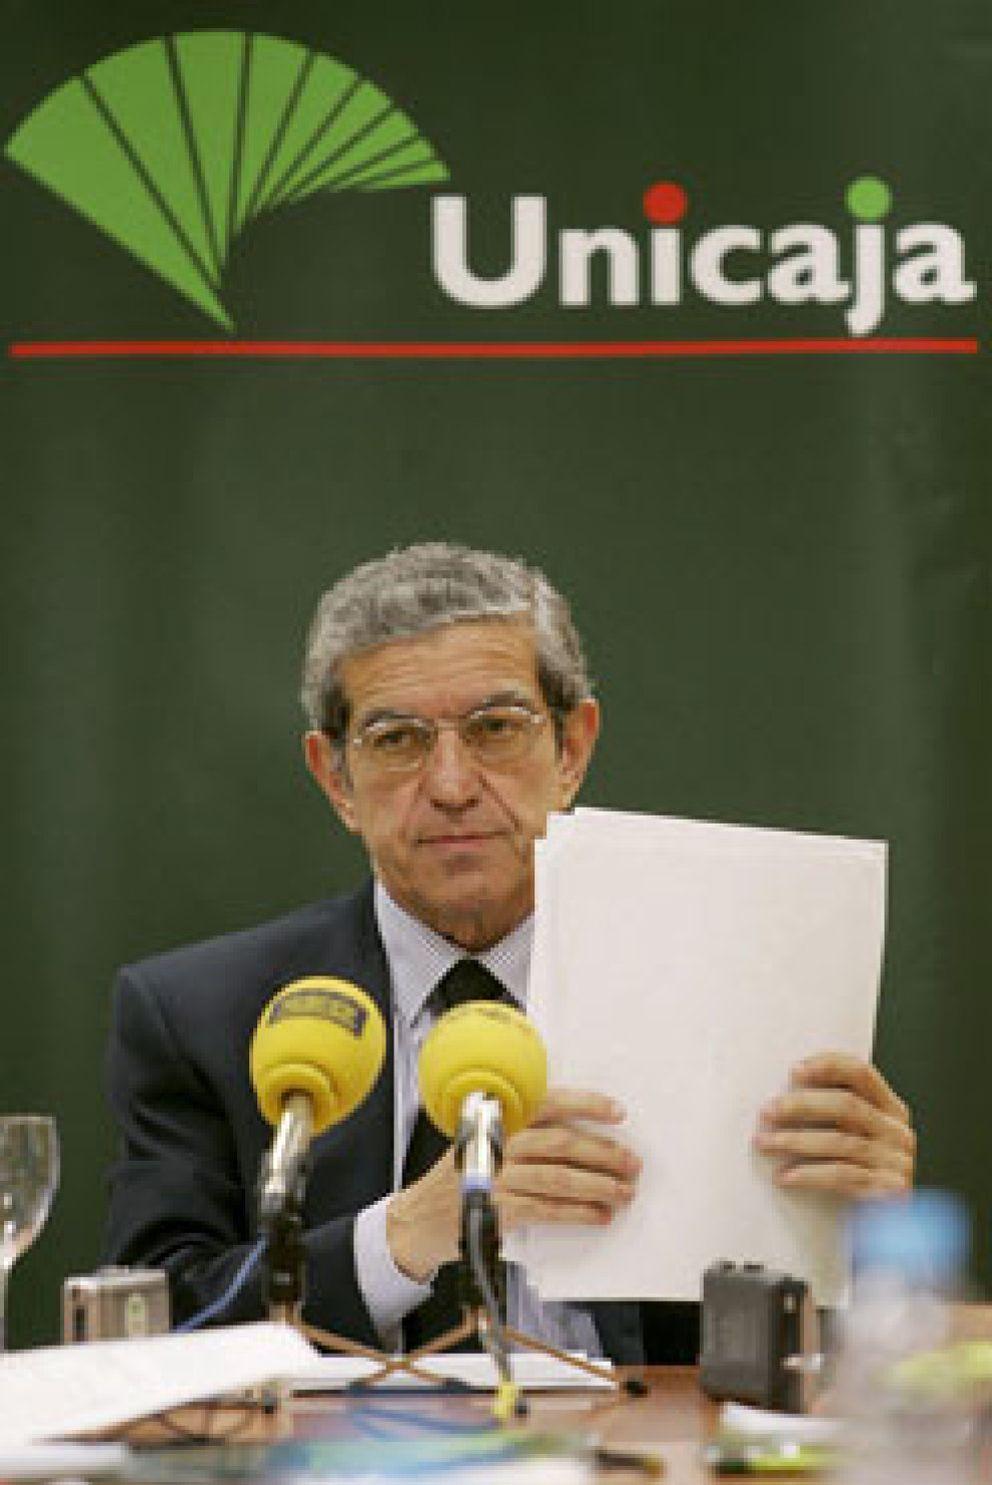 Foto: Medel y Gómez Sierra presentaron ayer al Banco de España el plan de fusión Unicaja-Cajasur